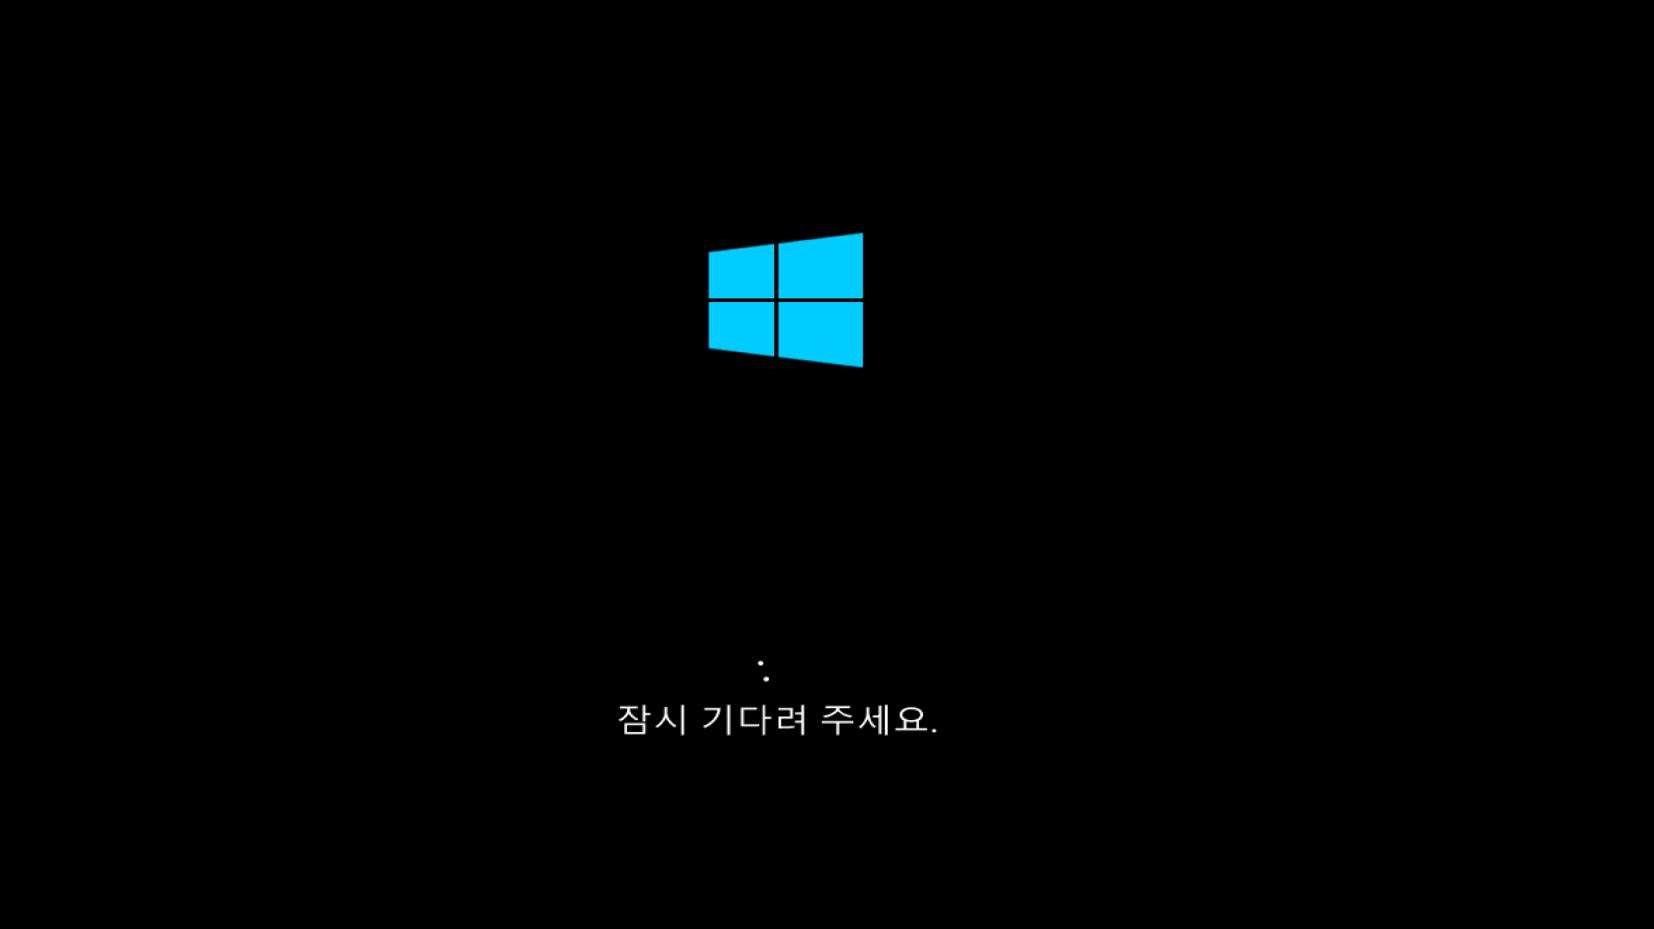 윈도우-시작프로그램-등록-방법.